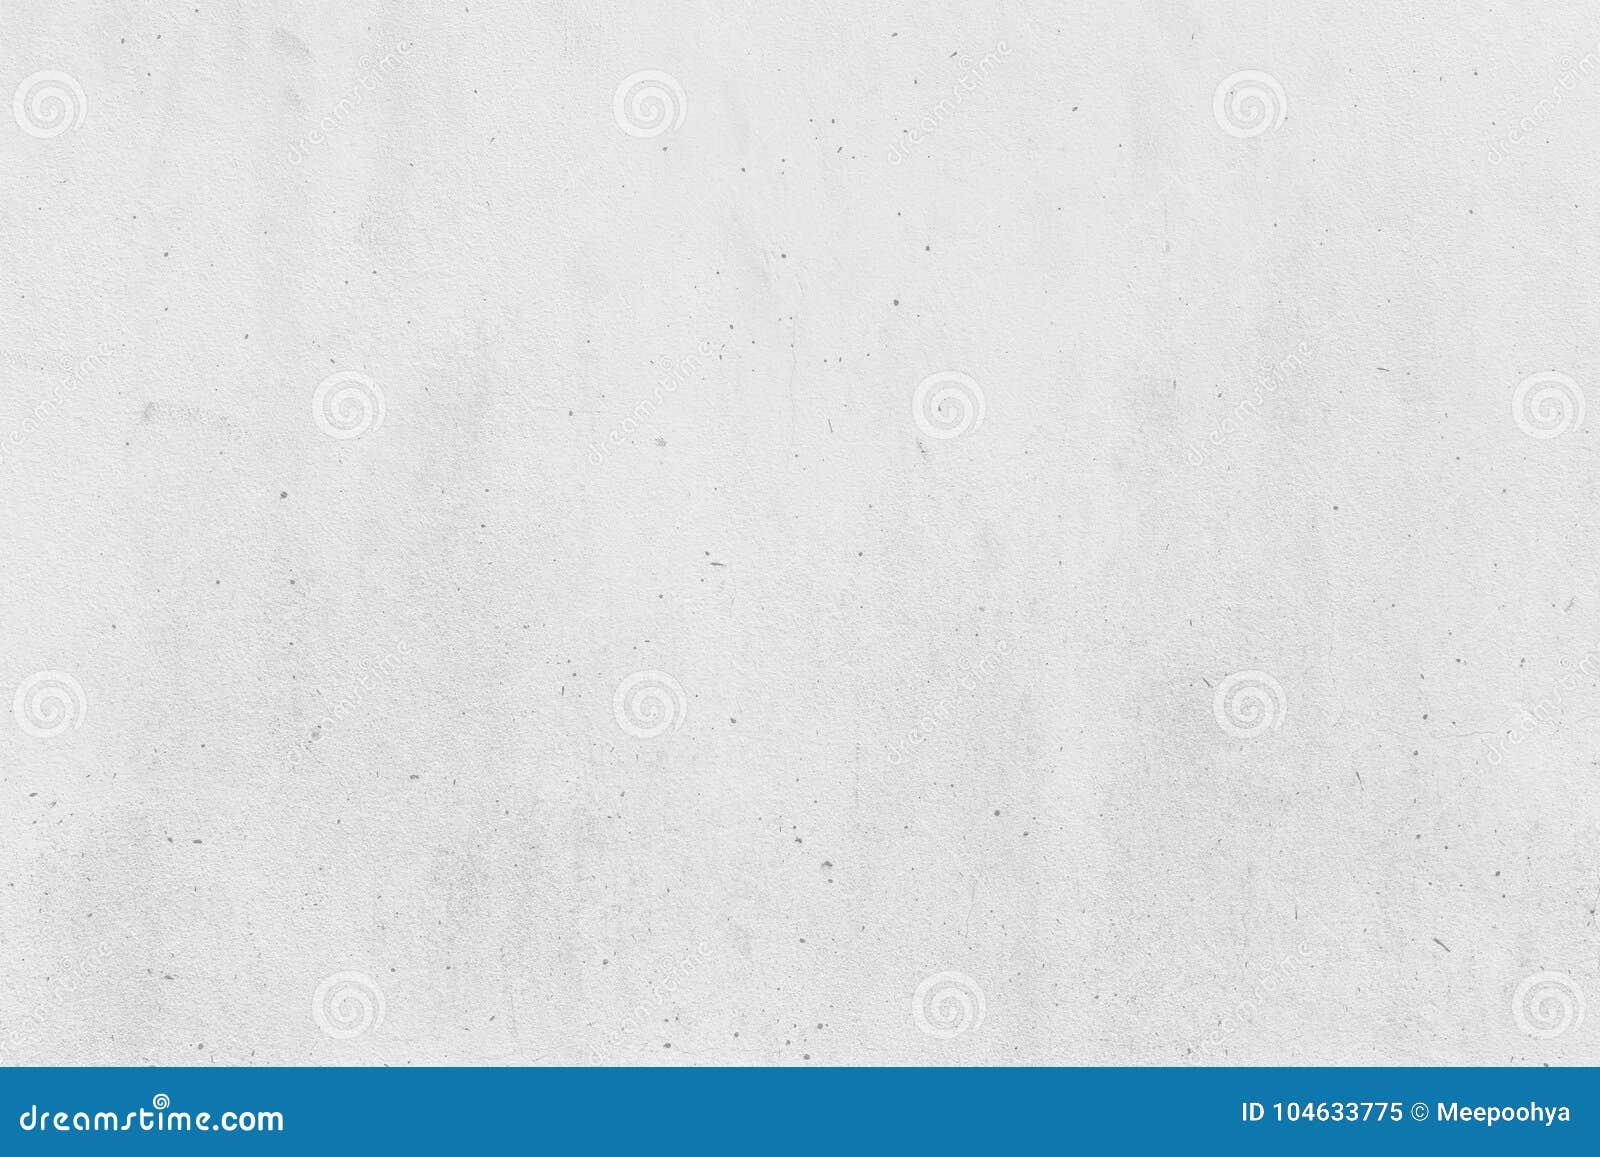 Download Oppervlakte Van Witte Cementmuur Stock Afbeelding - Afbeelding bestaande uit voorwerp, kleur: 104633775